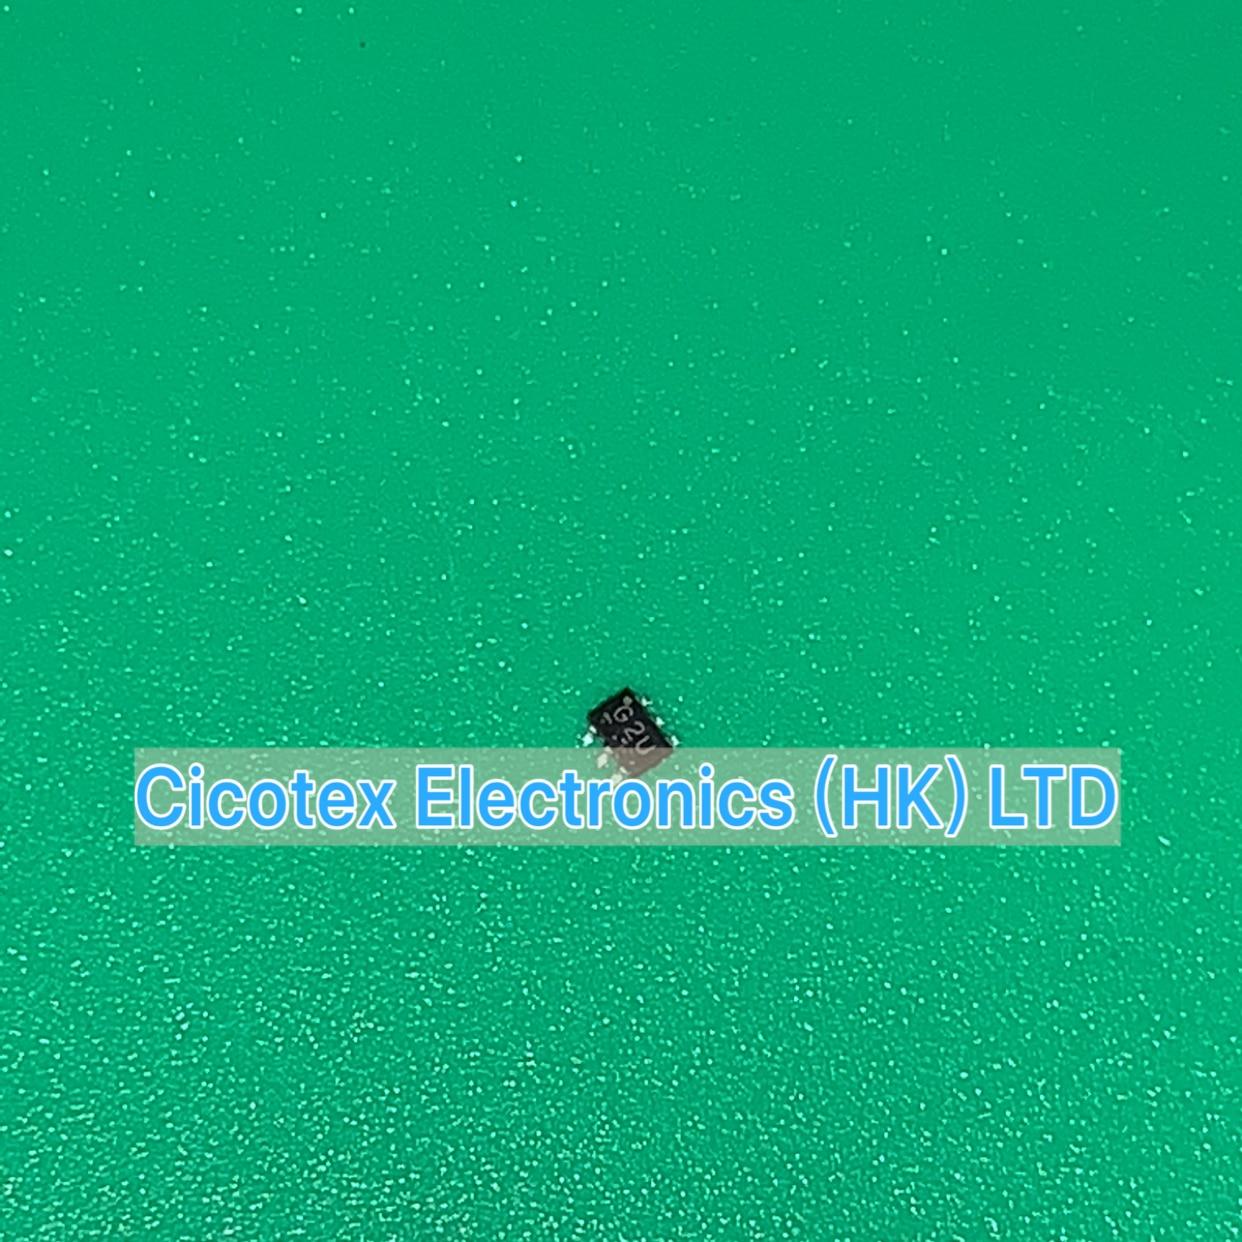 5pcs/lot UPG2009TB-E3-A SC70-6 G2U UP G2009TB-E3-A IC SWITCH SPDT 6-SMINI SOT363 UPG2009TBE3A UPG 2009TB-E3-A GZU